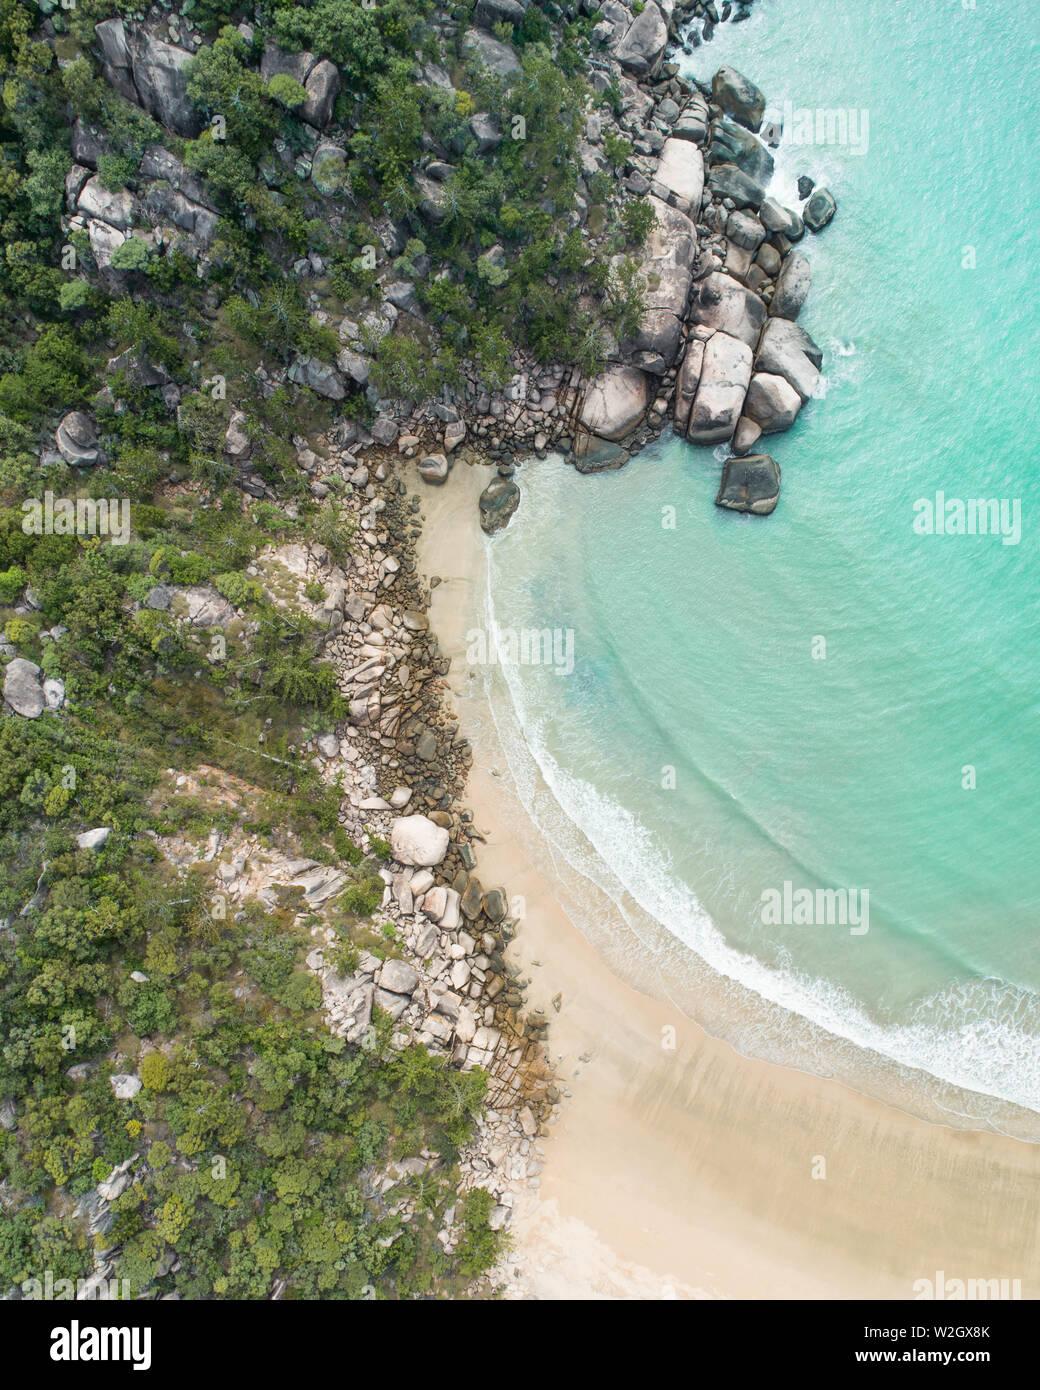 Vistas aéreas en una isla tropical en medio de un archipiélago. Drone disparos sobre la isla Magnetic en el norte de Queensland, y cerca de la gran barrera de ree Foto de stock